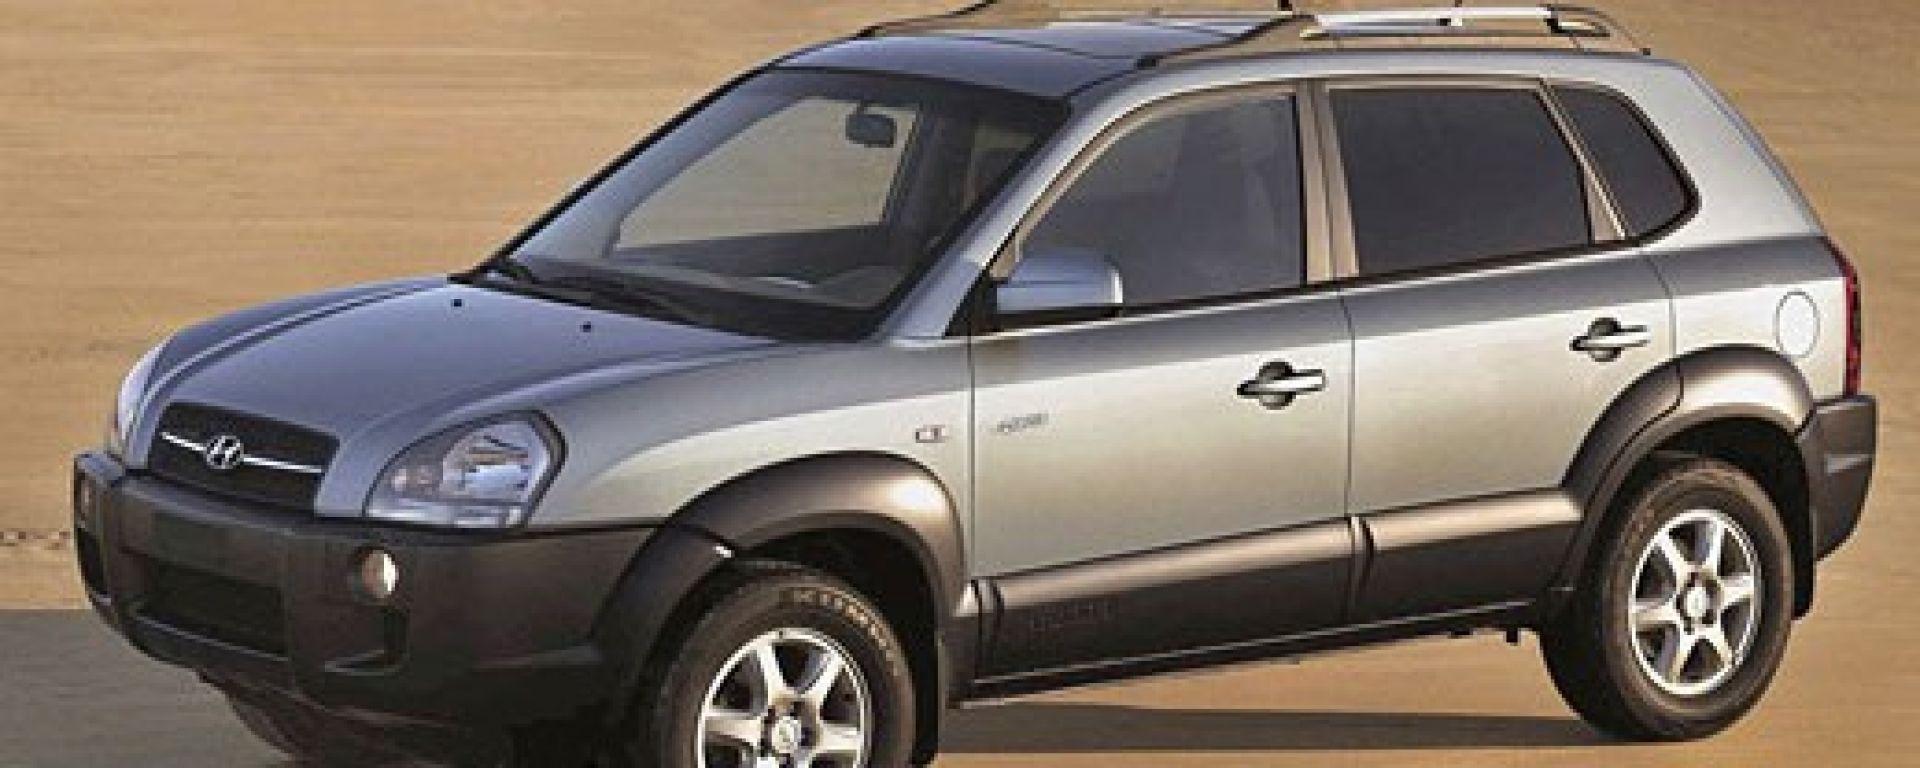 Hyundai Tucson: tutti i prezzi